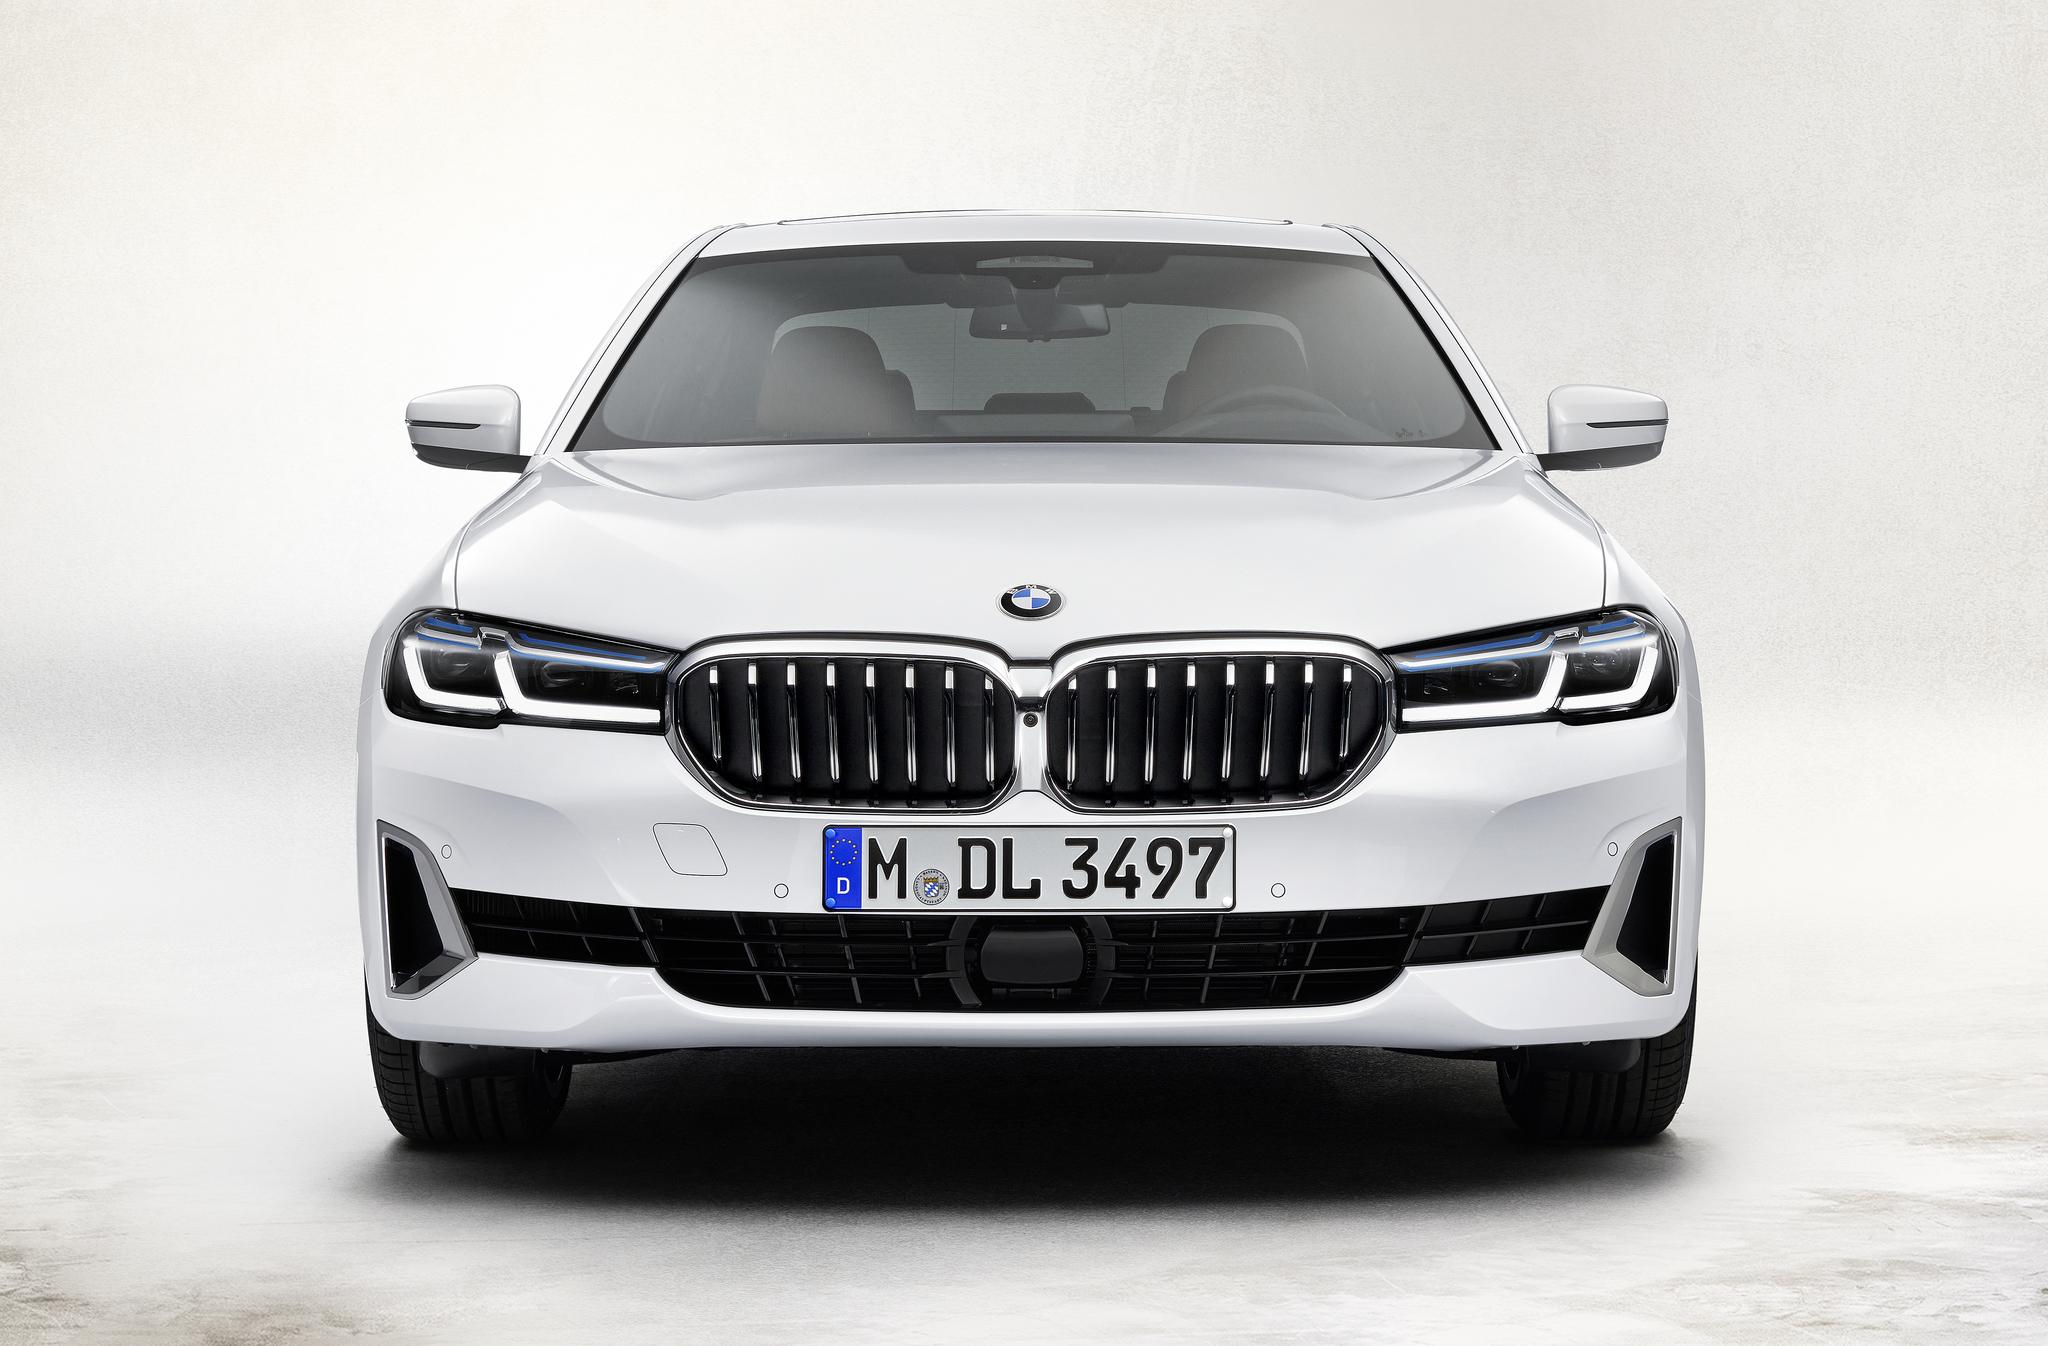 더 커진 키드니(콩팥) 그릴과 공격적인 공기 흡입구, L자형 주간 주행등이 눈에 띈다. 사진 BMW그룹코리아